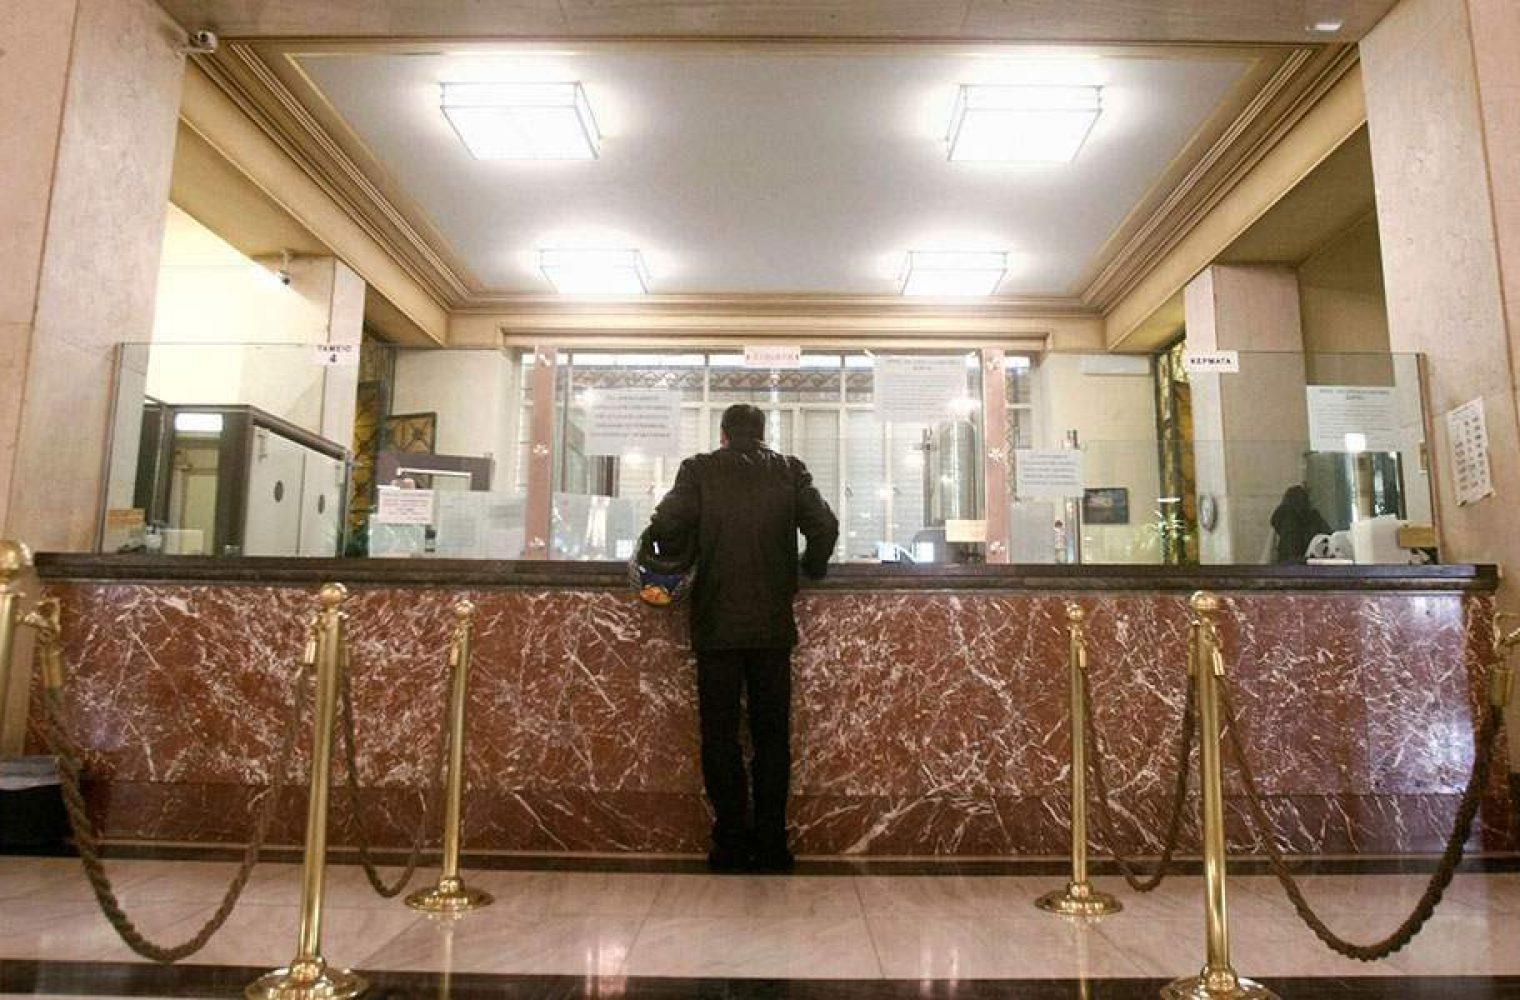 Τράπεζες: Ποιες συναλλαγές δεν θα πραγματοποιούνται από σήμερα 4/8  λόγω κορωνοϊού